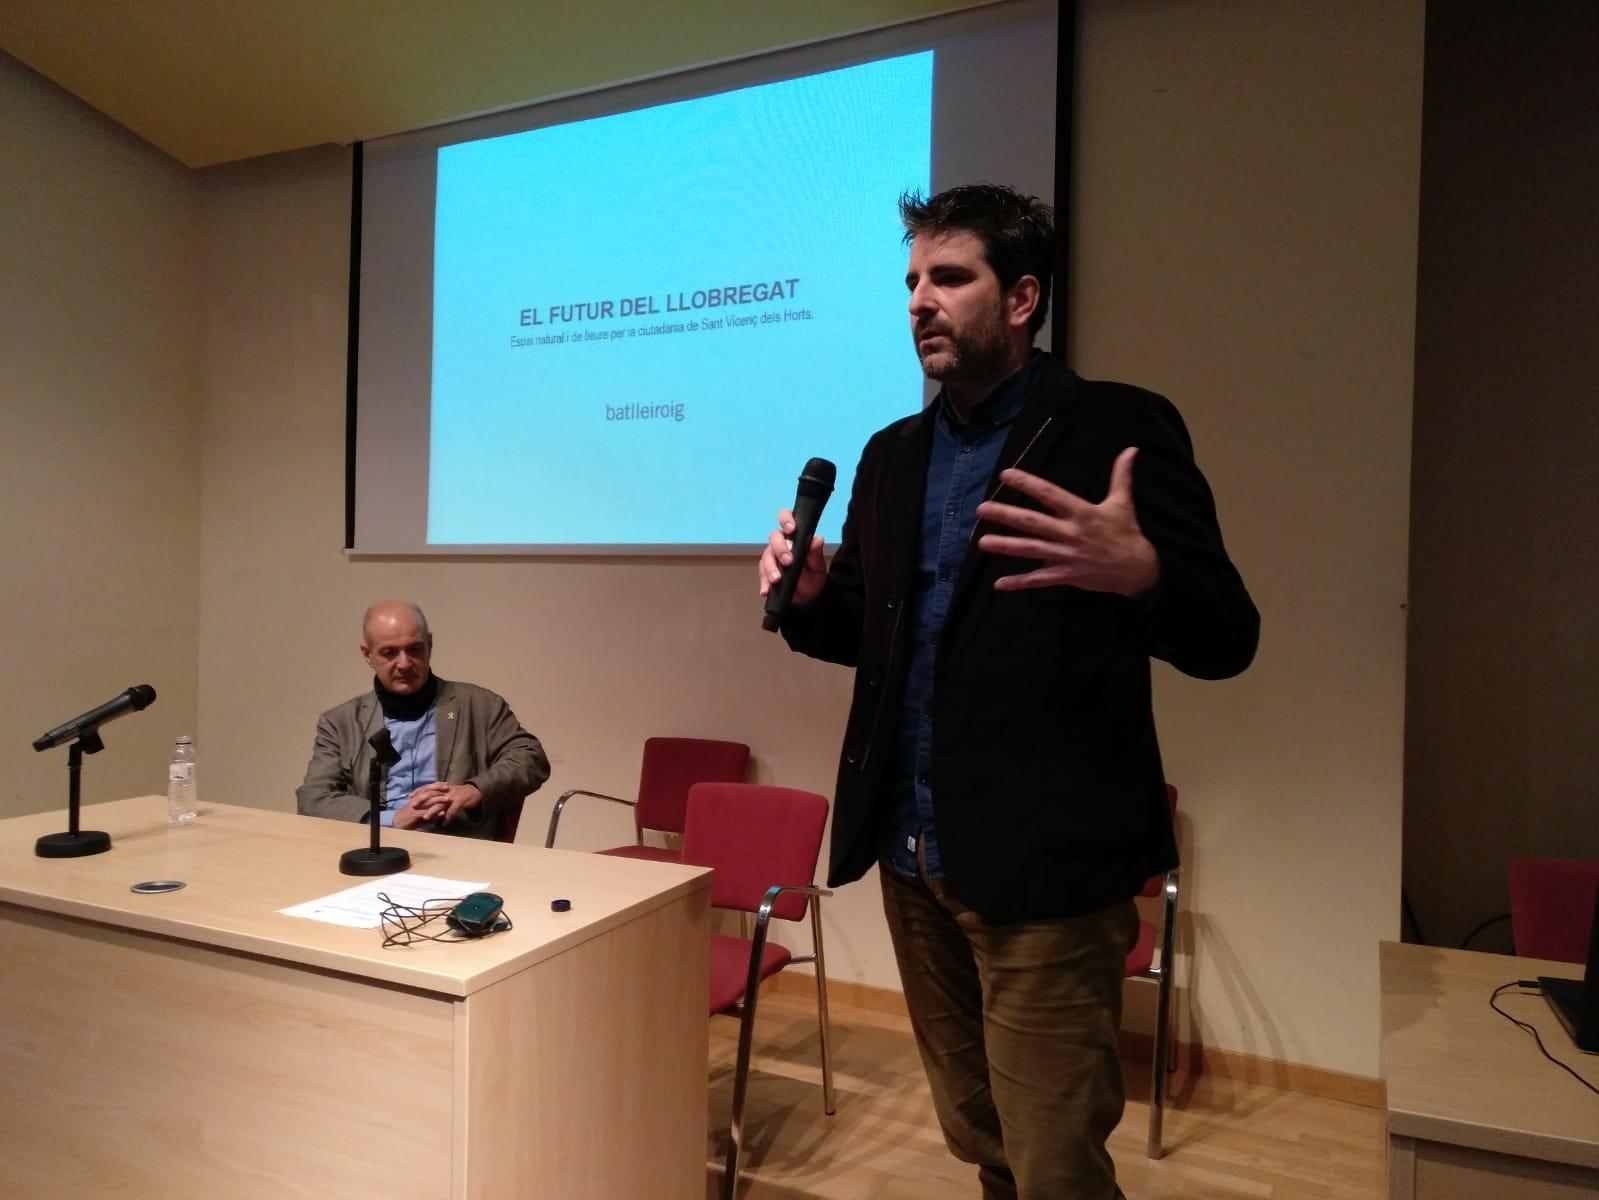 Intervenció de Mario Sunyer, Estudi Batlle i Roig